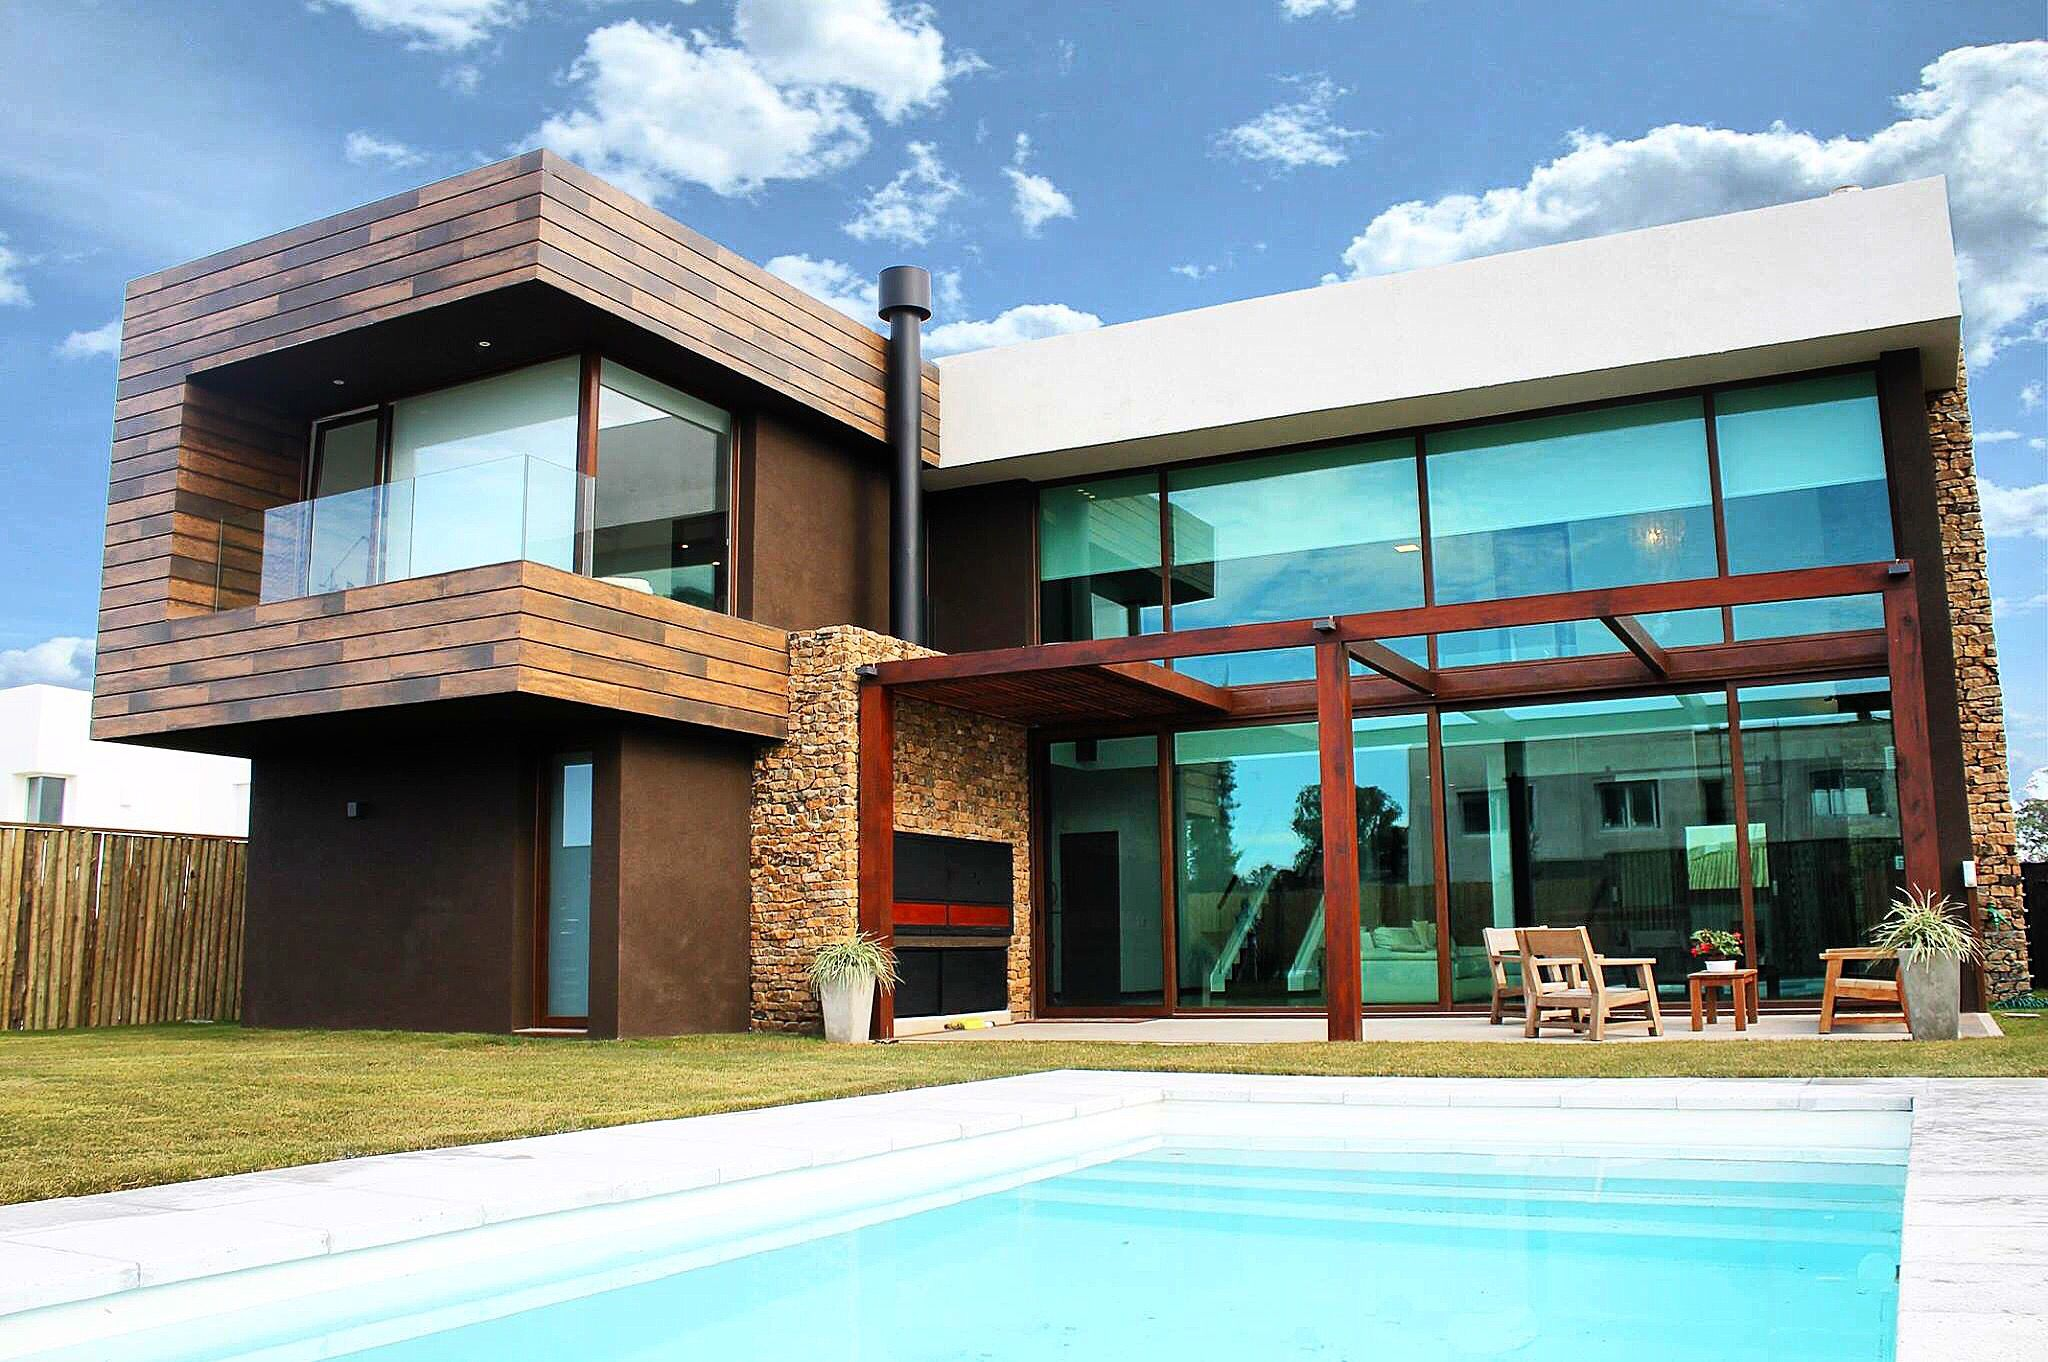 Uruguay montevideo punta del este colonia bazzurro for Arquitectos de la arquitectura moderna